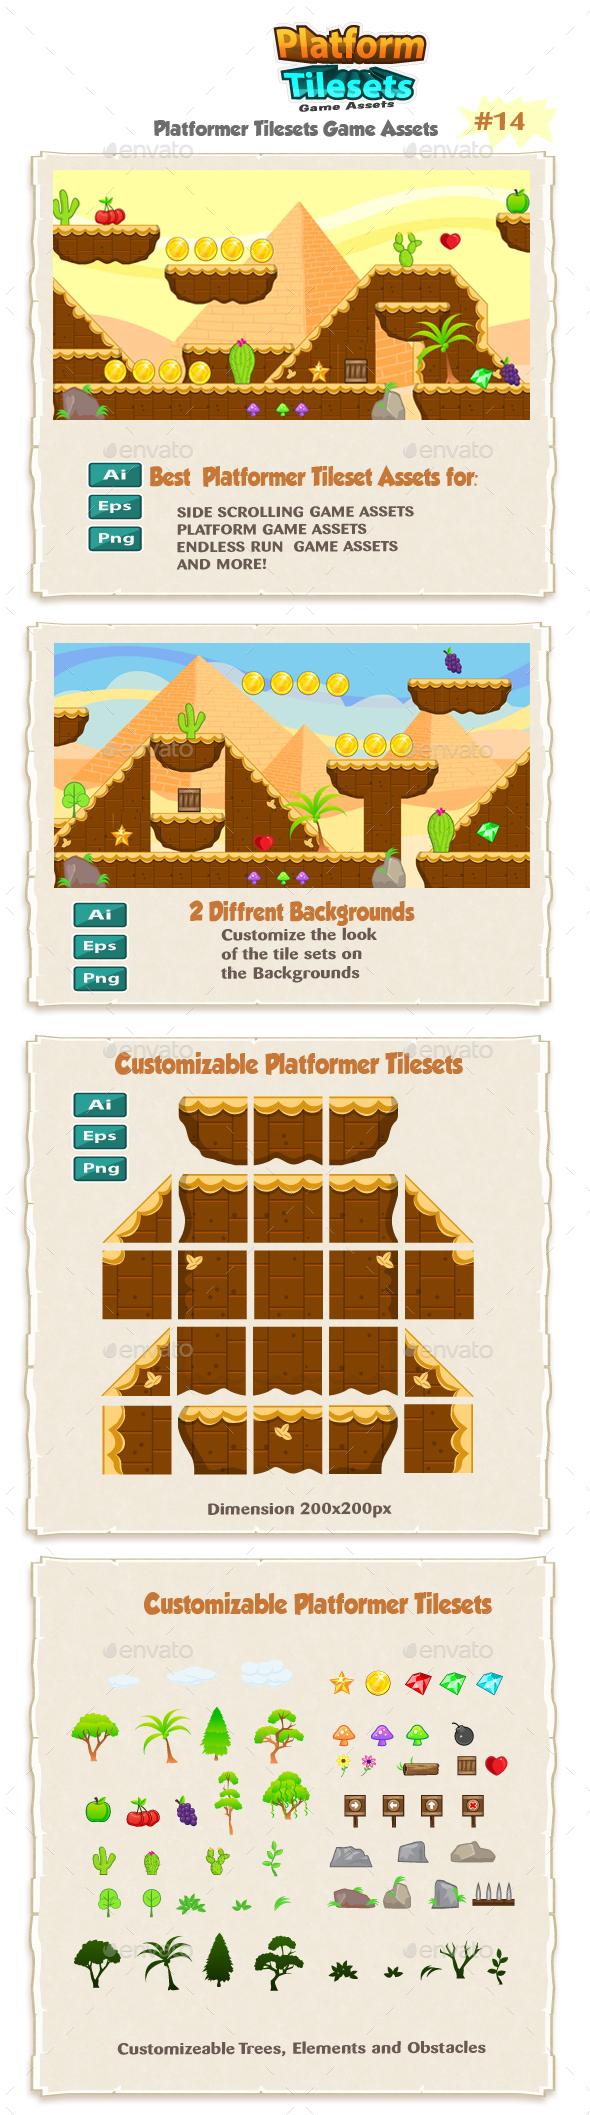 Egyptians Platformer Tilesets 14 - Tilesets Game Assets